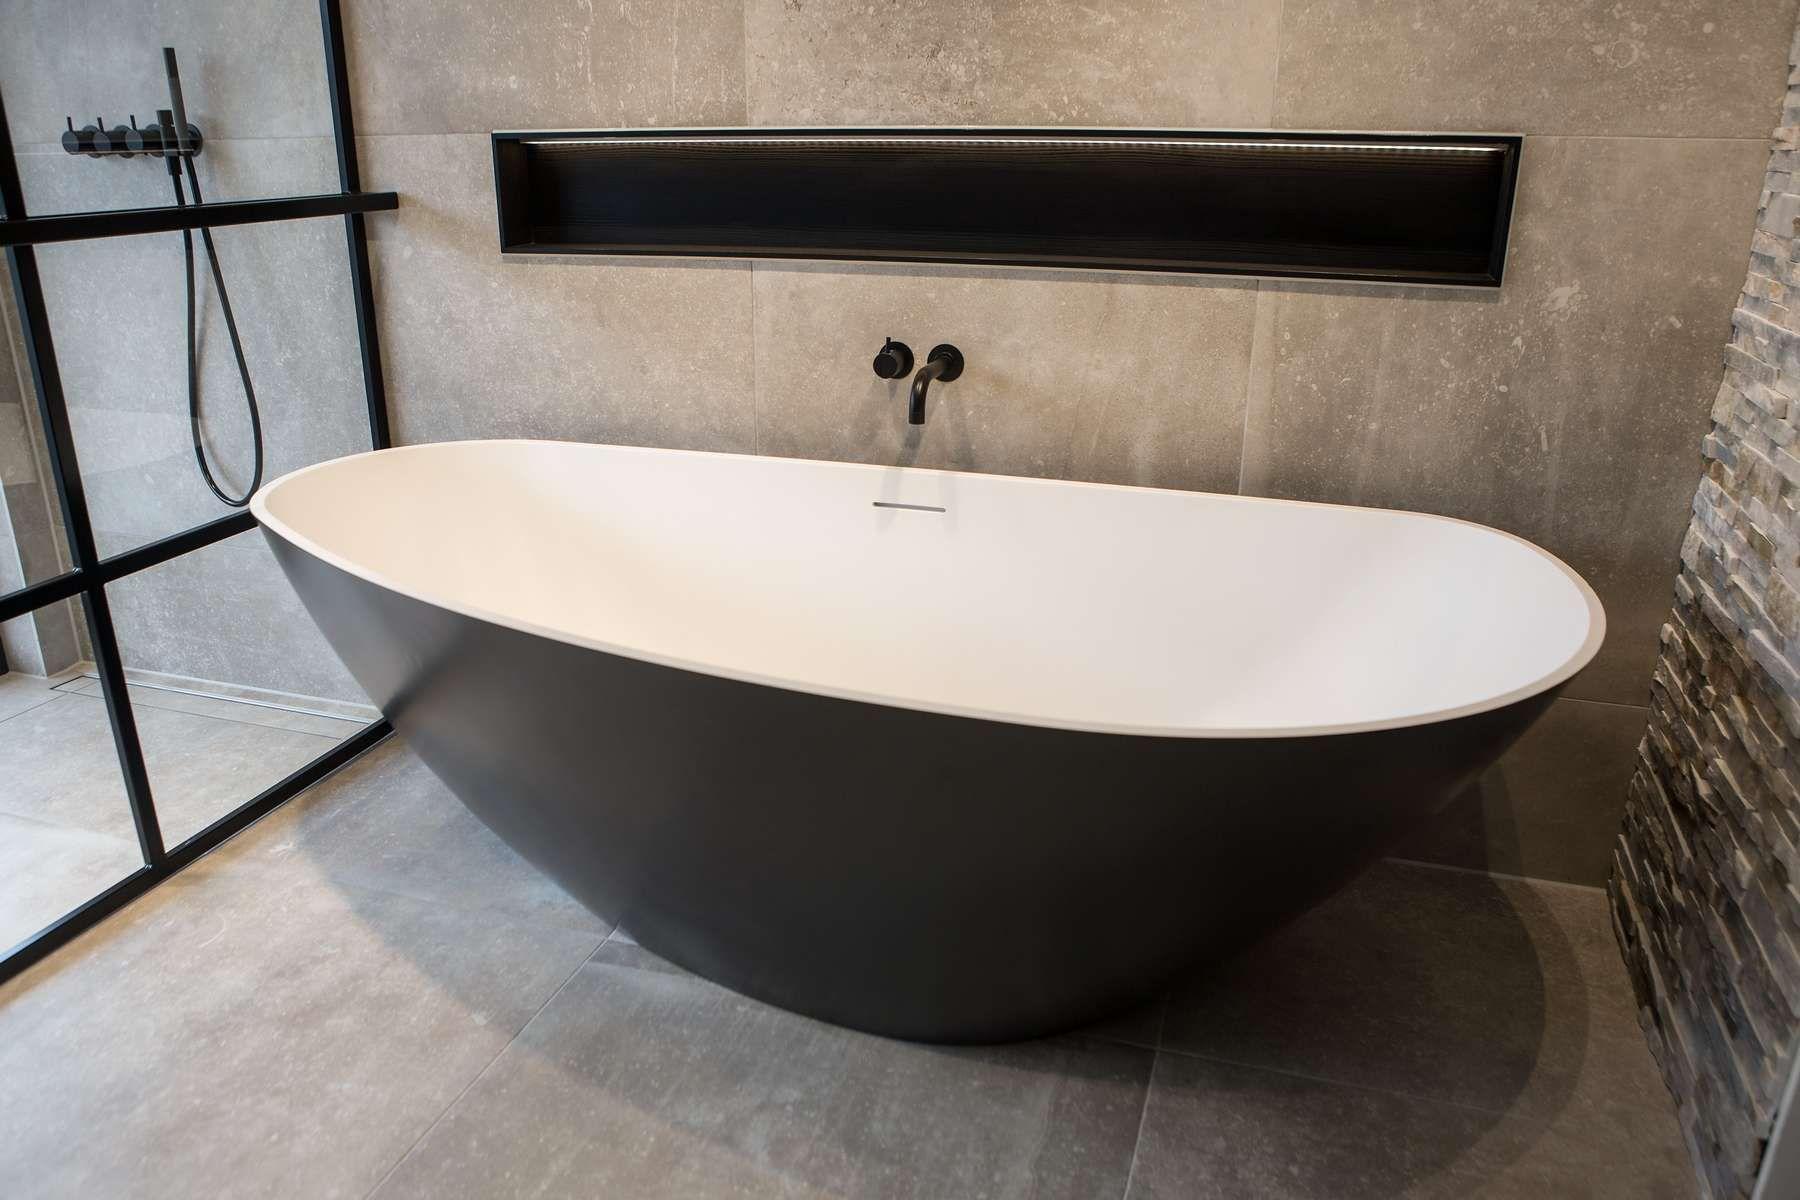 Badkamer showroom - De Eerste Kamer Barneveld | Pinterest ...